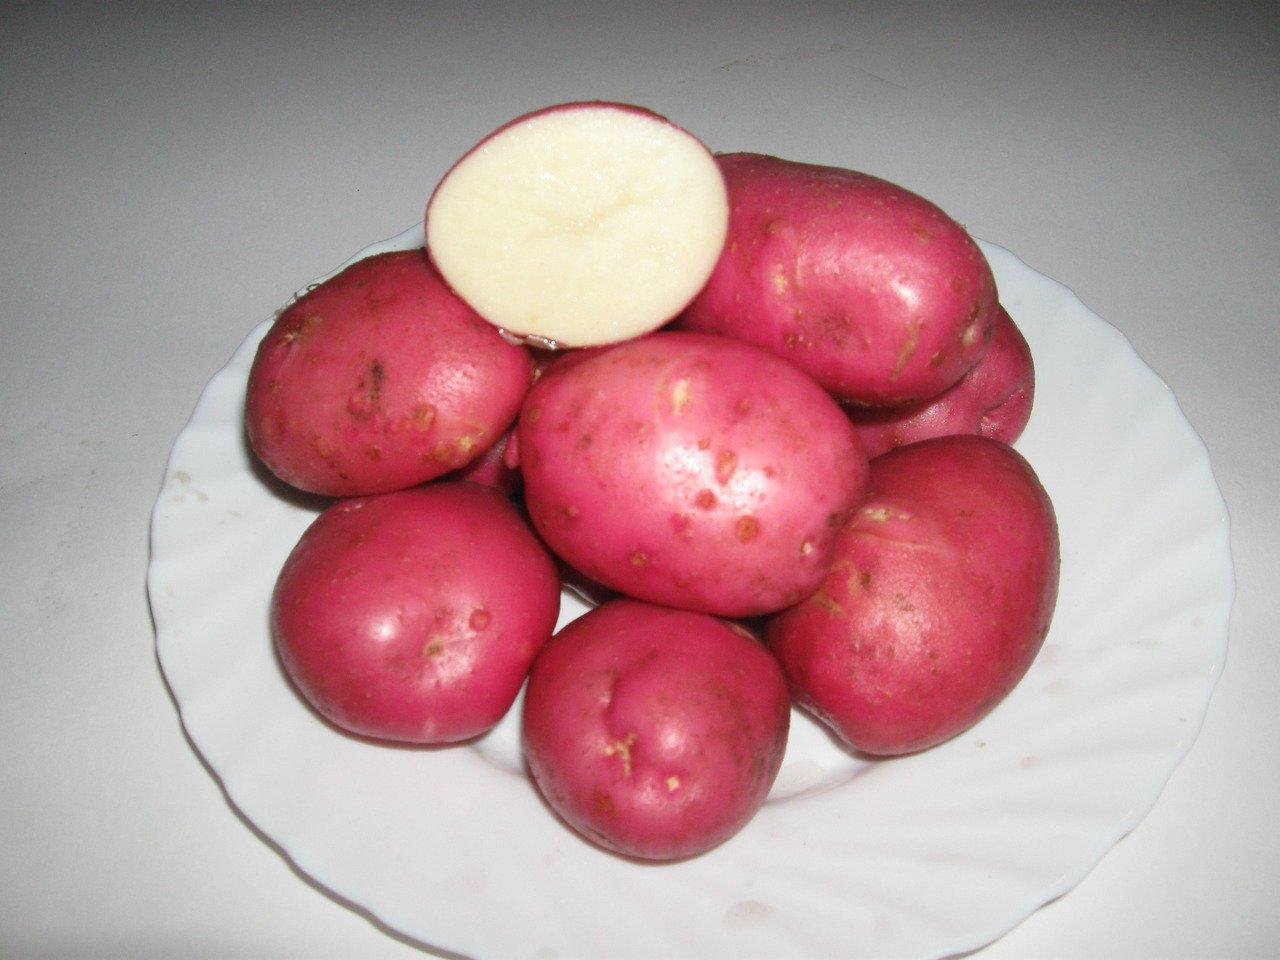 Картофель вишенка описание сорта фото отзывы